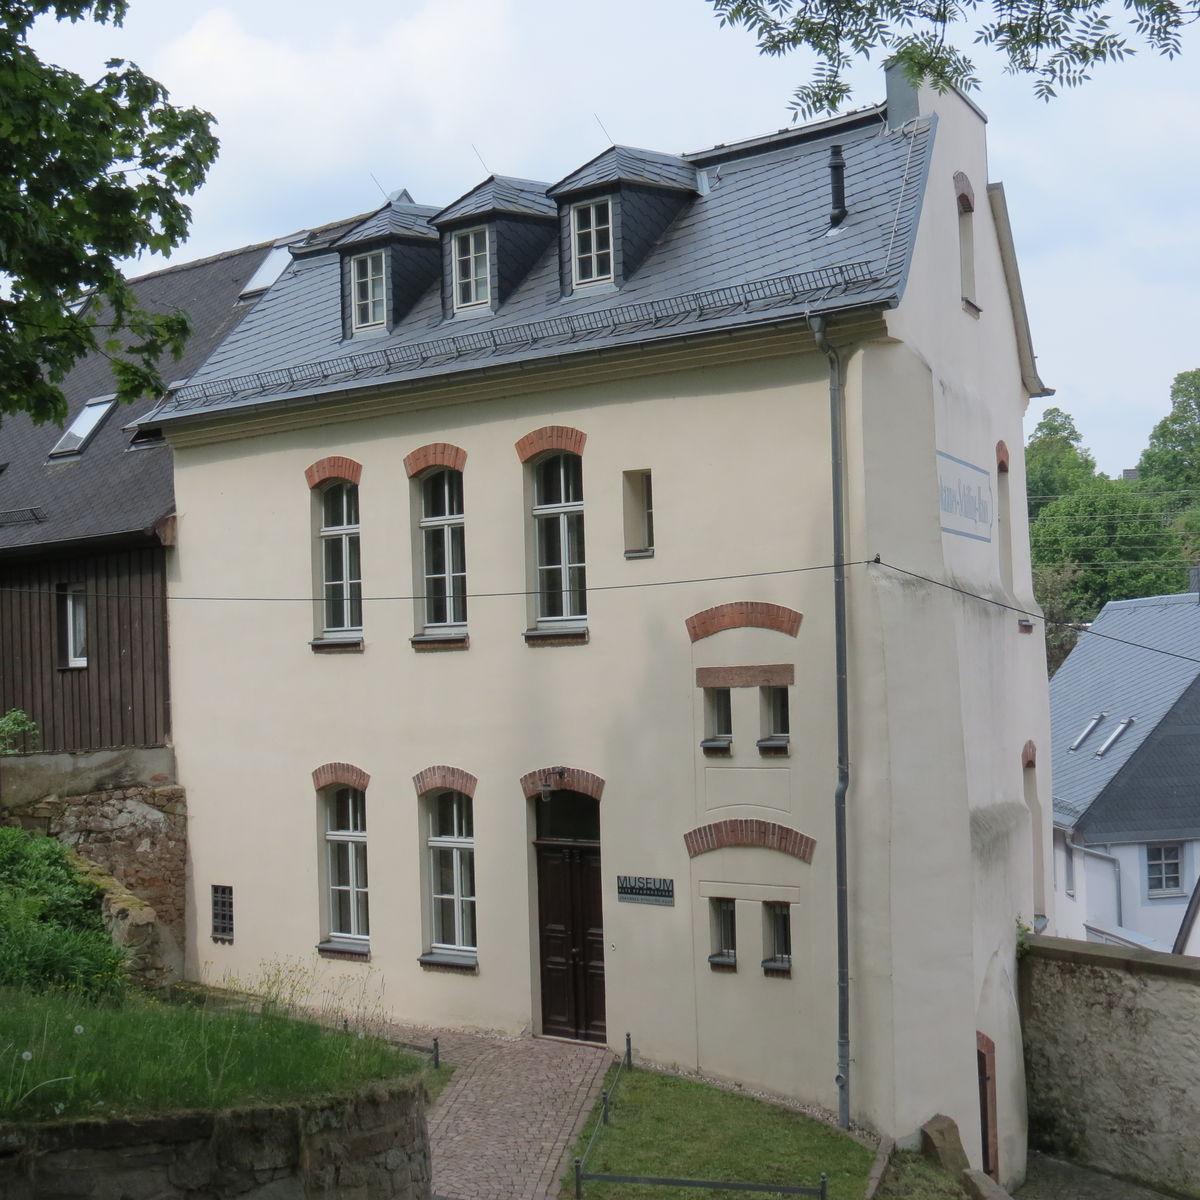 Schilling-Haus gehört zum Museum